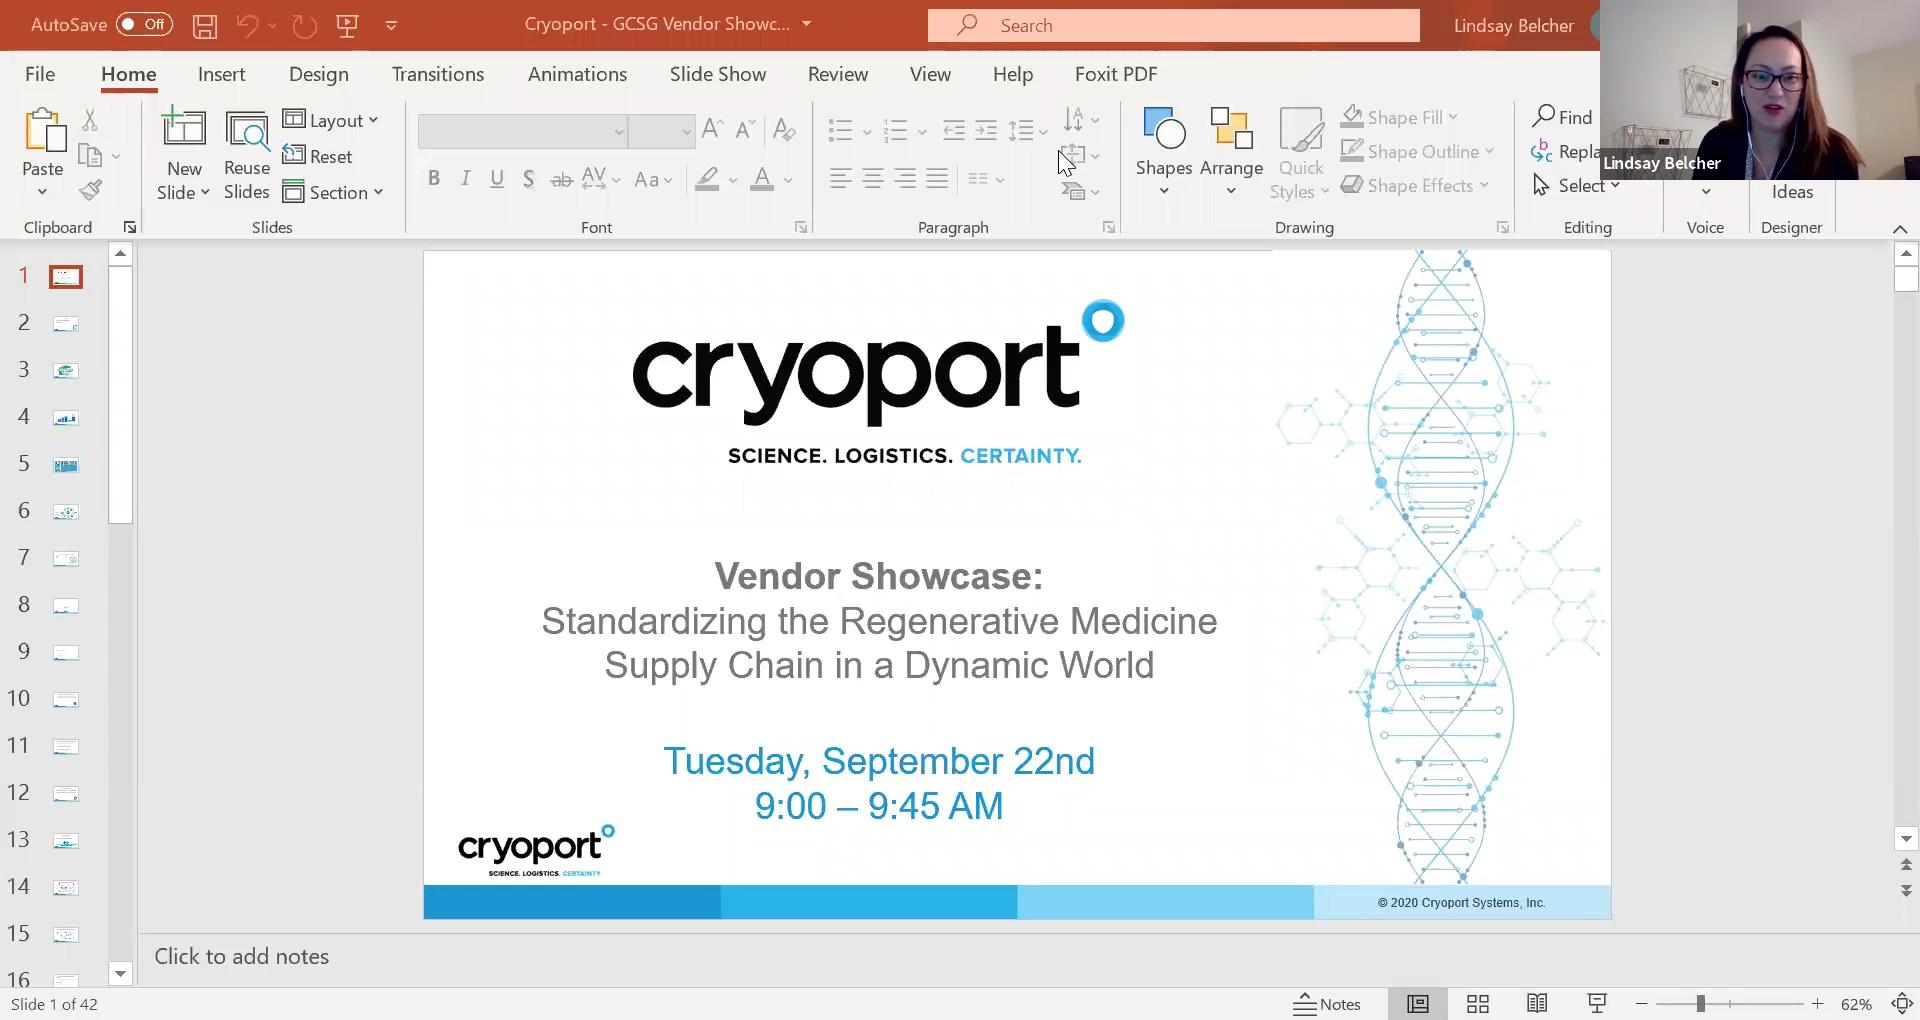 Vendor Showcase - Cryoport